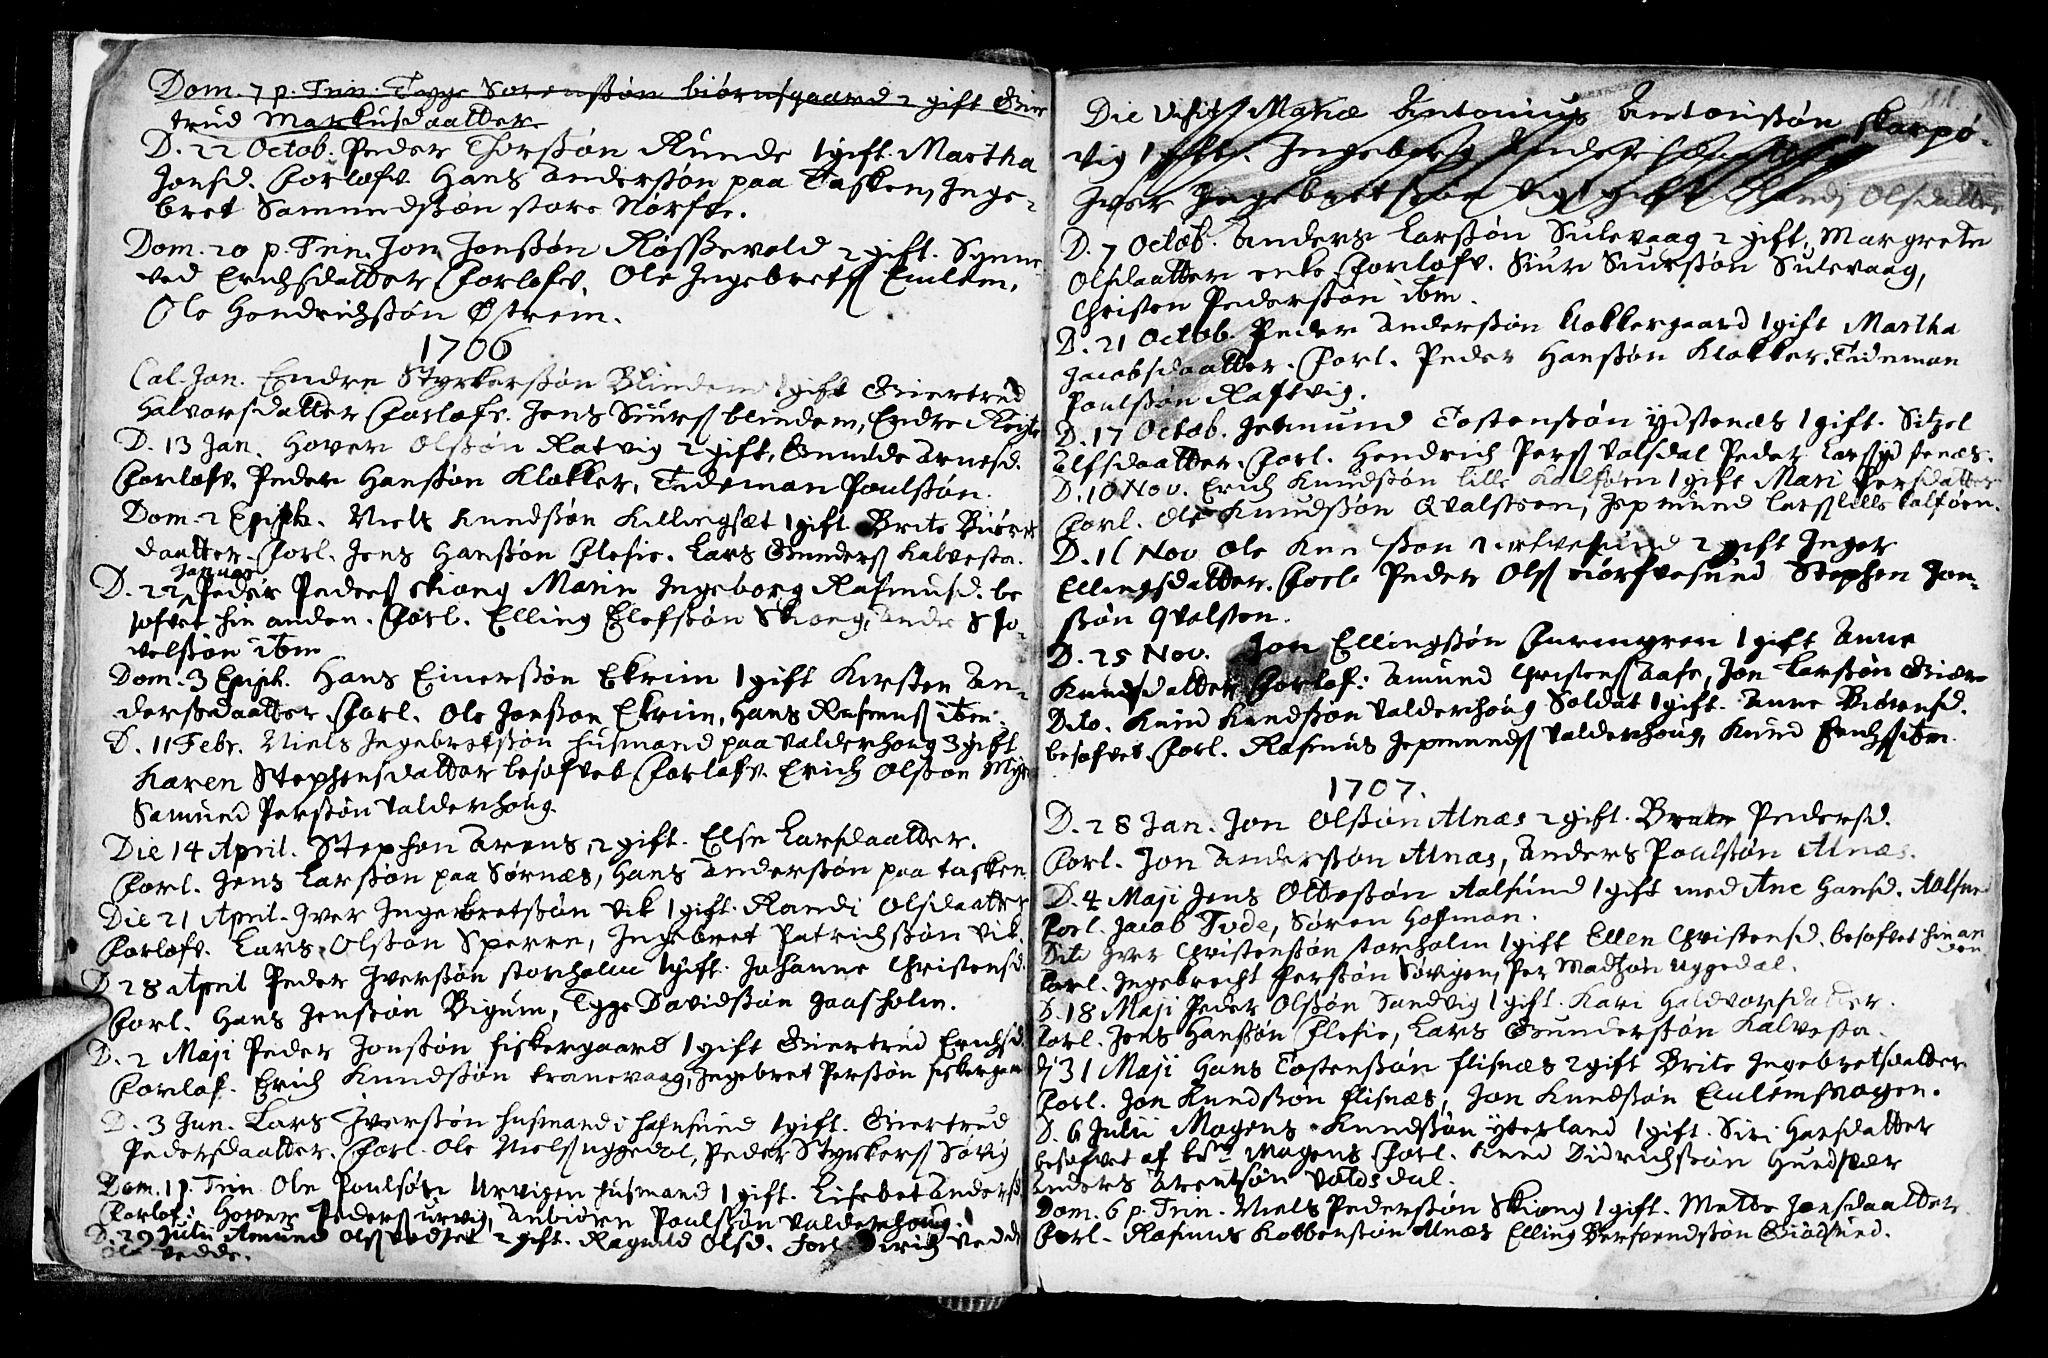 SAT, Ministerialprotokoller, klokkerbøker og fødselsregistre - Møre og Romsdal, 528/L0390: Ministerialbok nr. 528A01, 1698-1739, s. 10-11